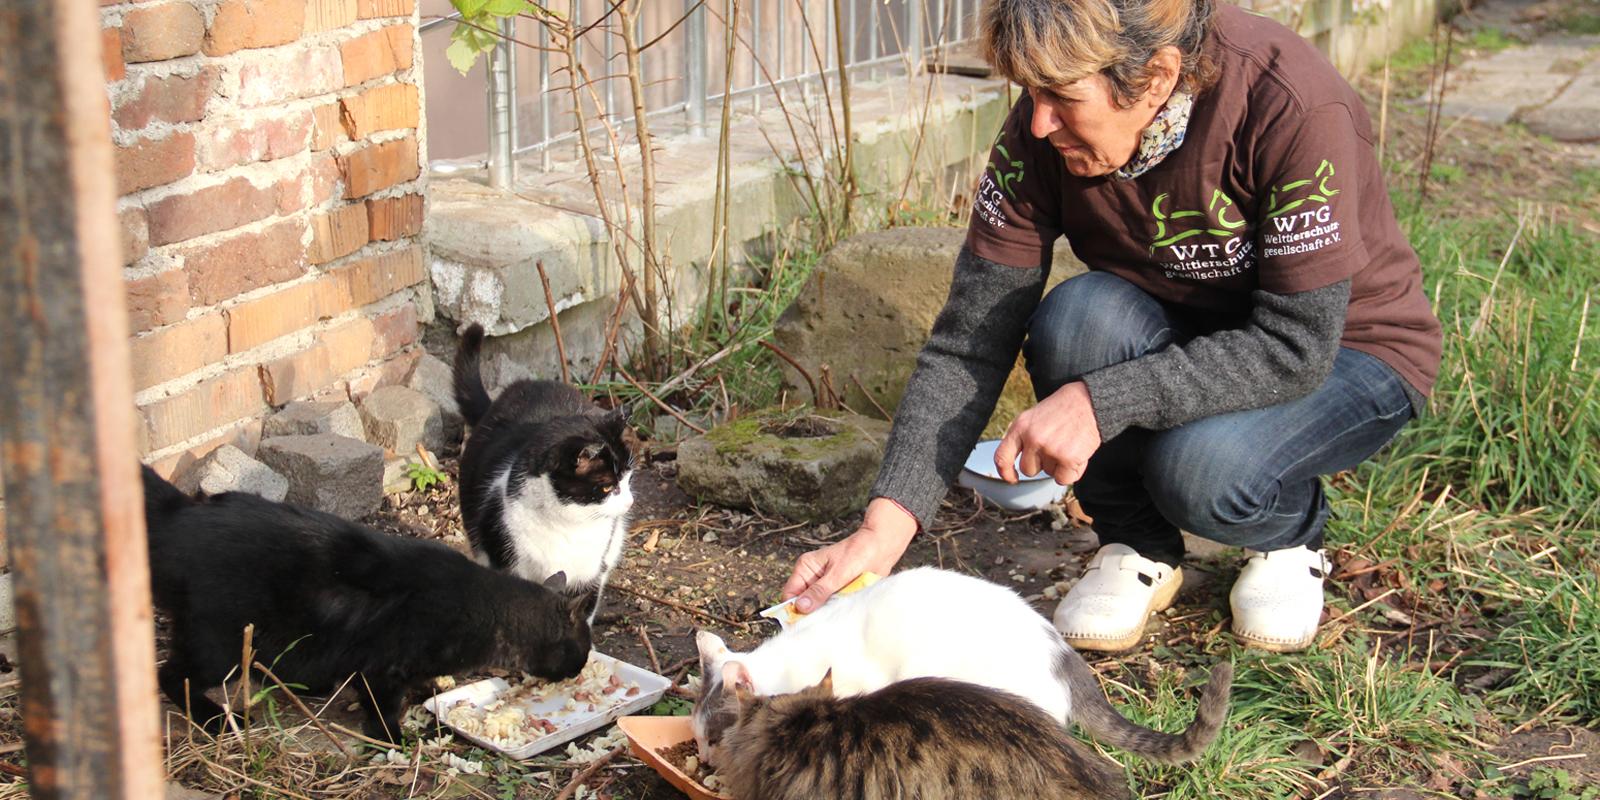 Viele Straßenkatzen sind krank und unterernährt